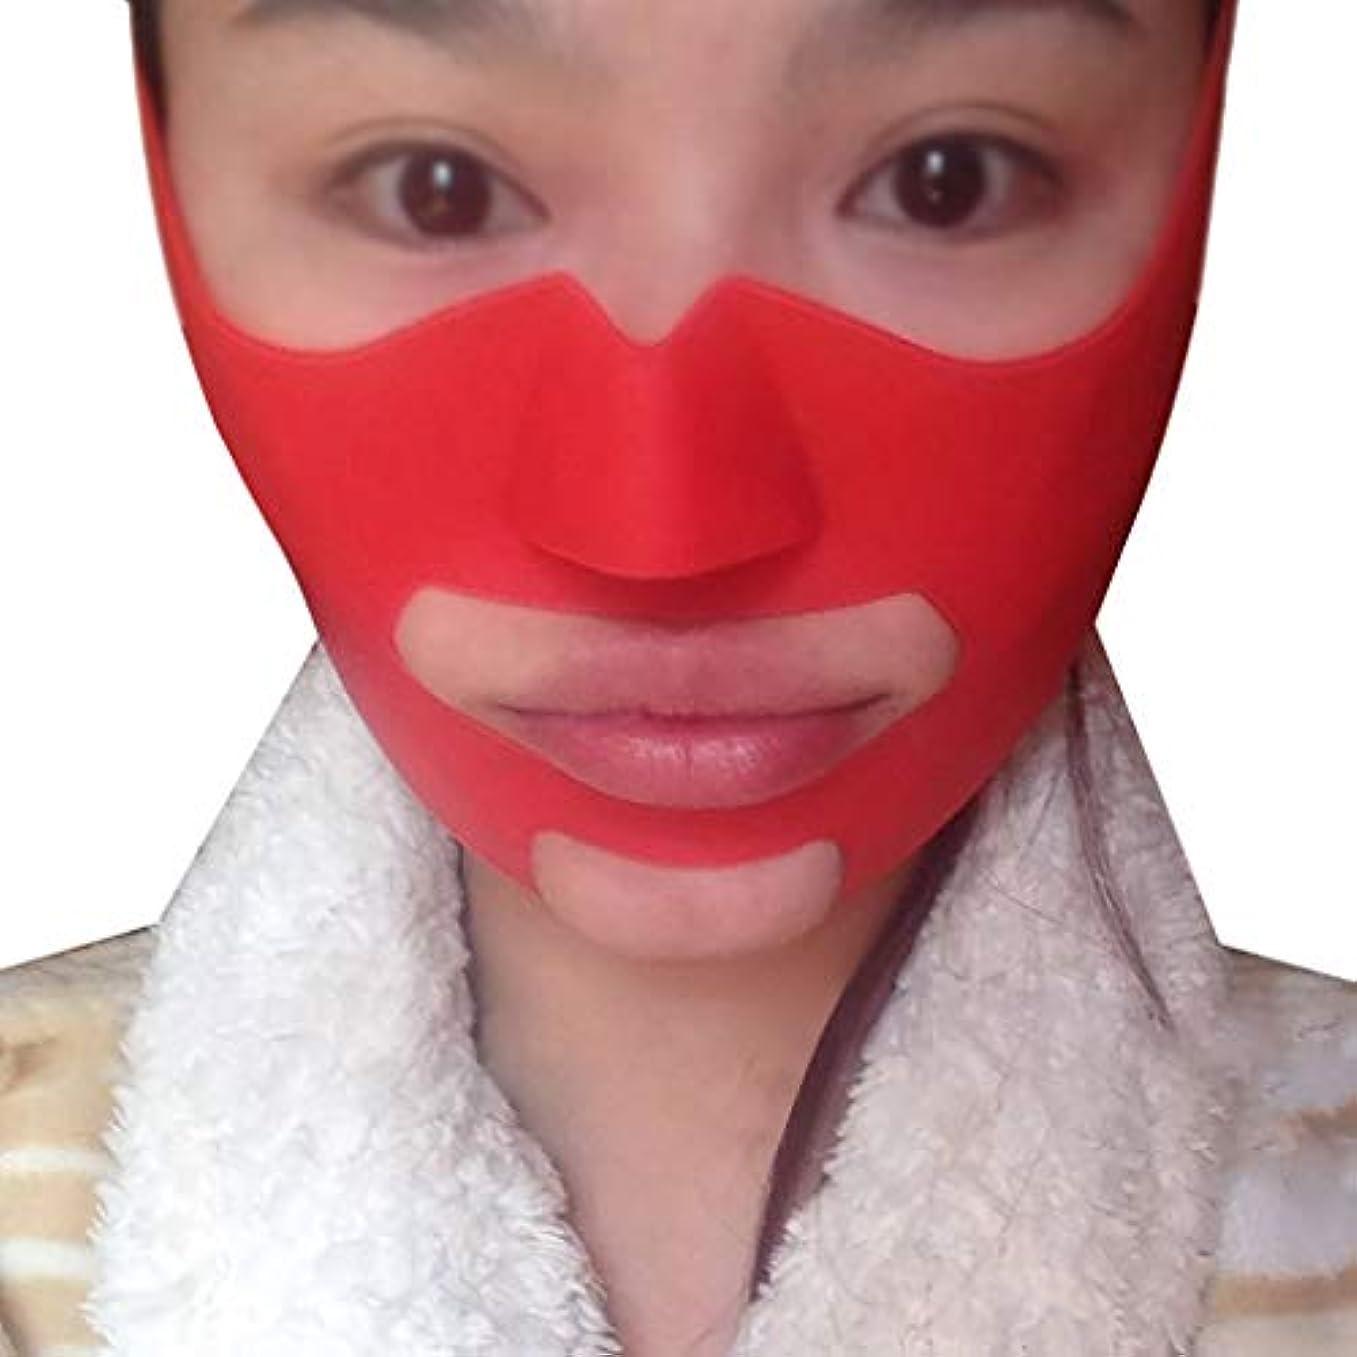 ひどく負担出発GLJJQMY 薄いフェイスマスクシリコーンVマスクマスク強い痩身咬合筋肉トレーナーアップル筋肉法令パターンアーティファクト小さなVフェイス包帯薄いフェイスネックリフト 顔用整形マスク